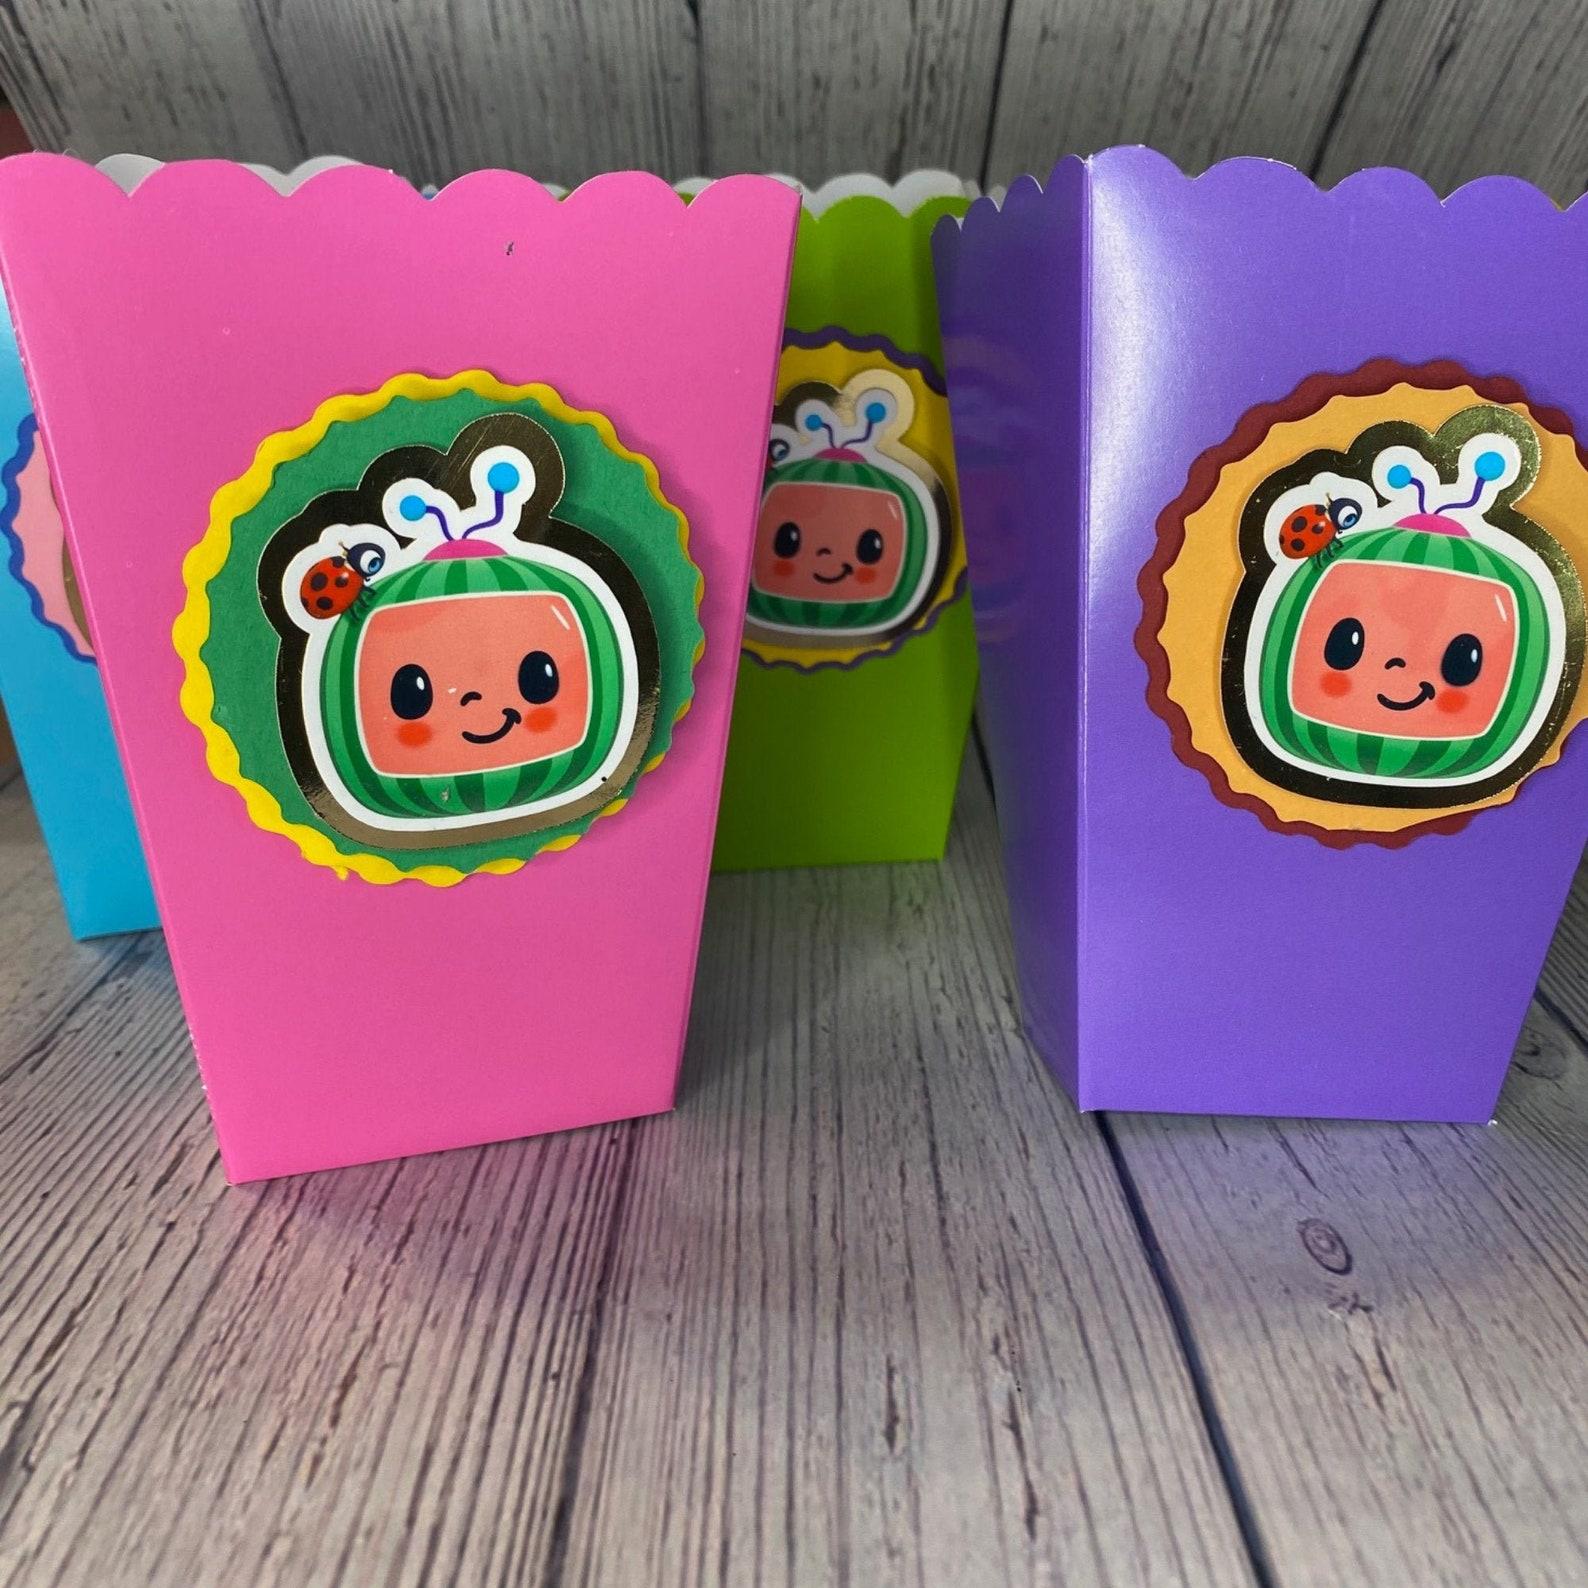 Cocomelon Popcorn boxes